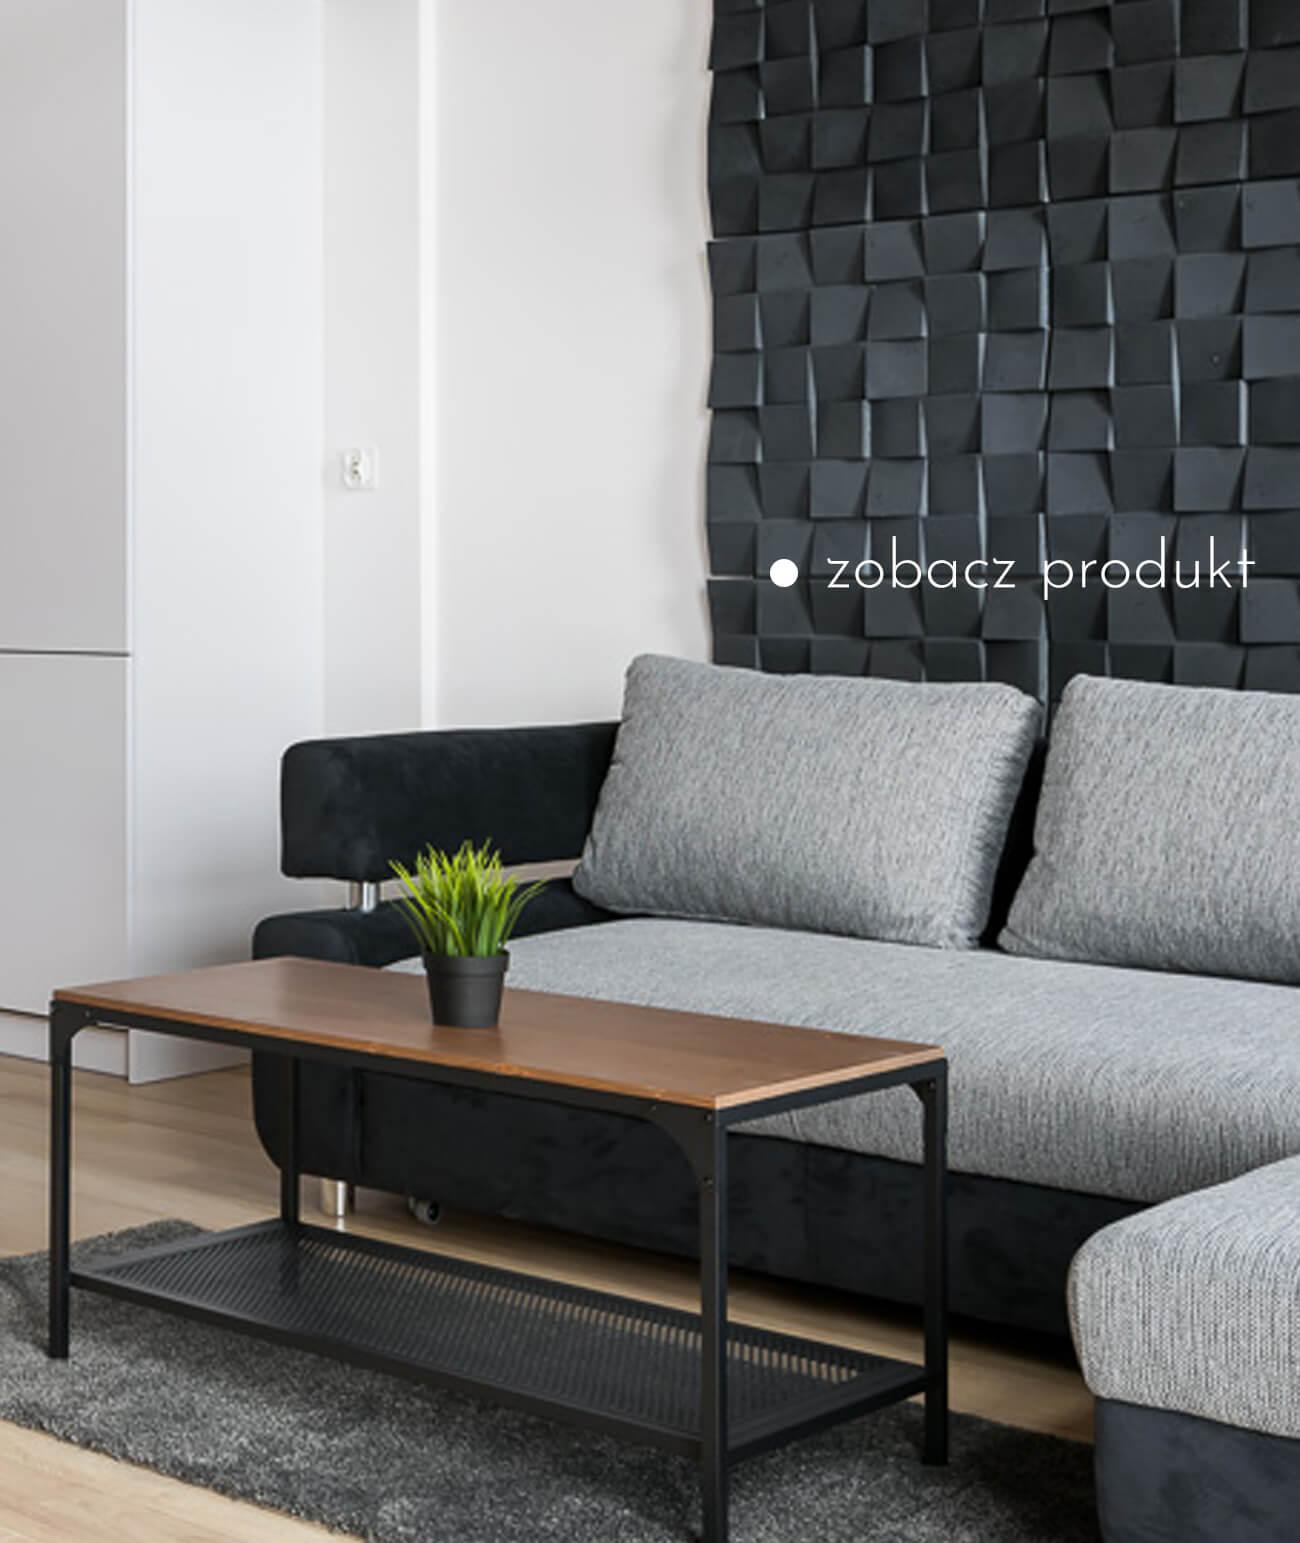 panele-betonowe-3d-scienne-i-elewacyjne-beton-architektoniczny_491-2656-pb15-b15-czarny-coco---panel-dekor-3d-beton-architektoniczny-panel-scienny